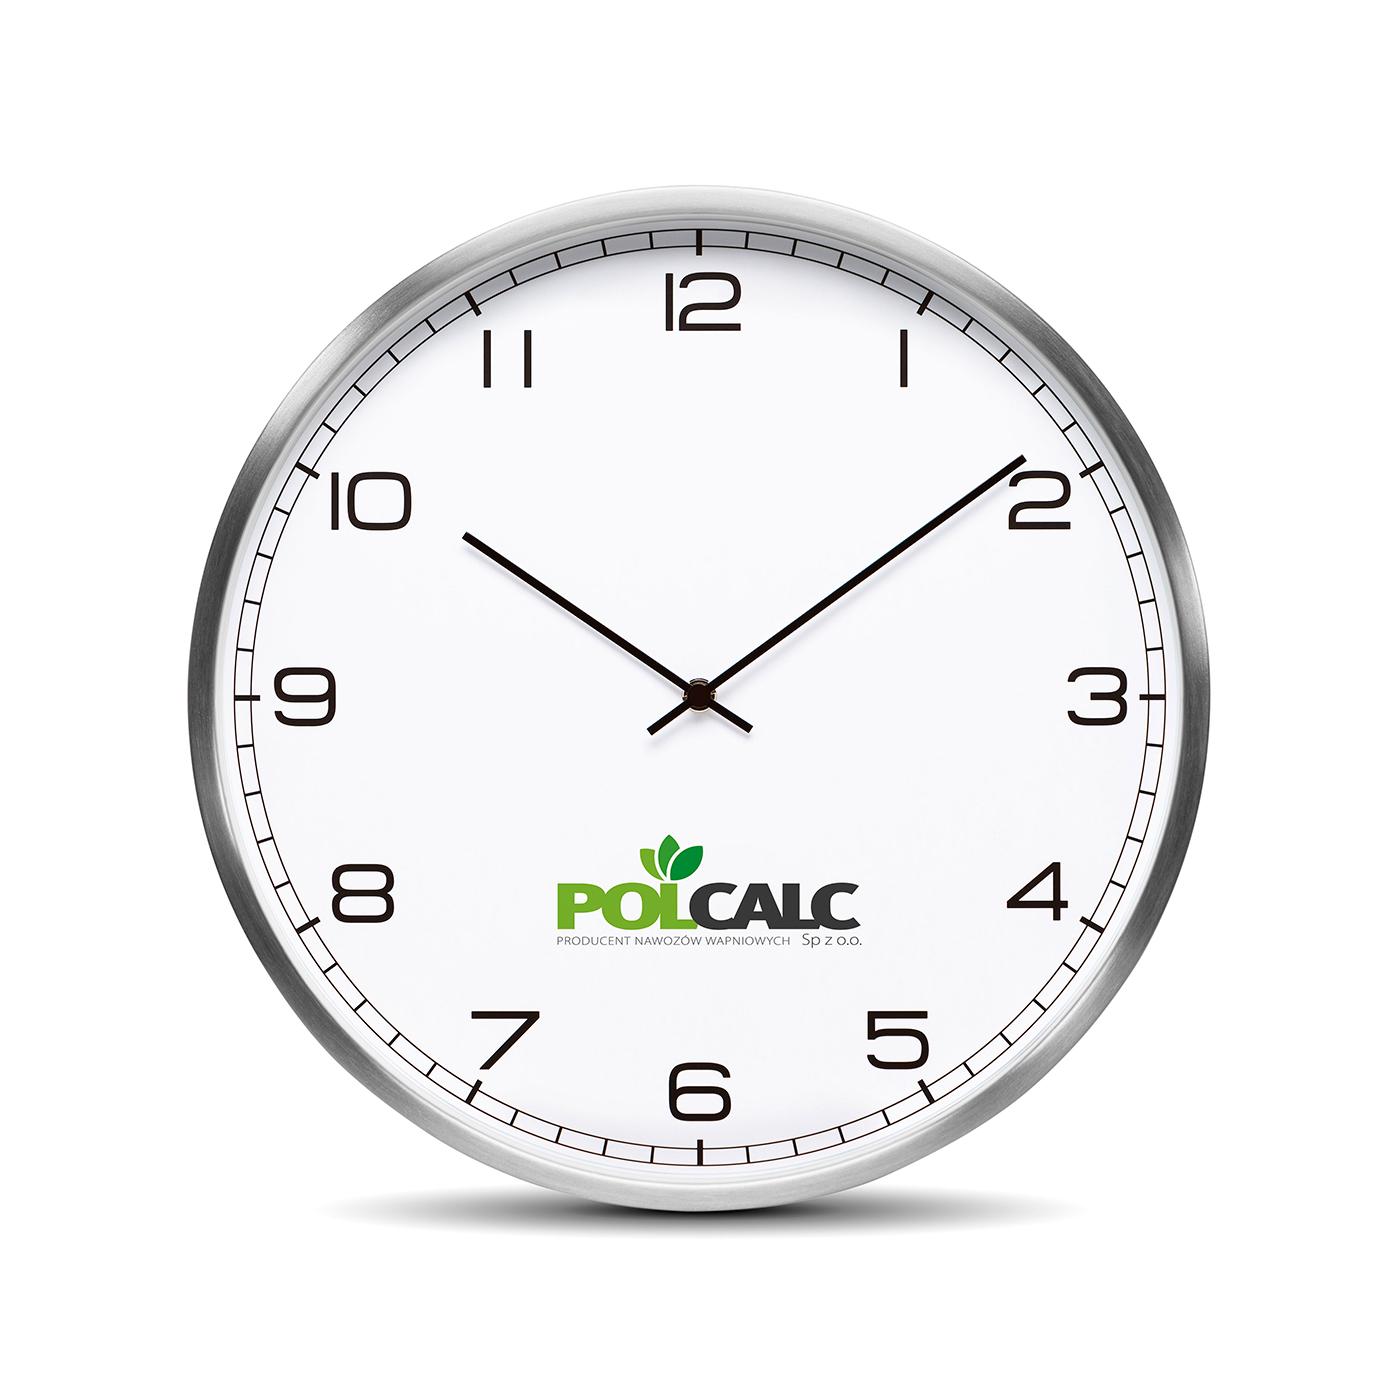 zegar-polcalc.jpg